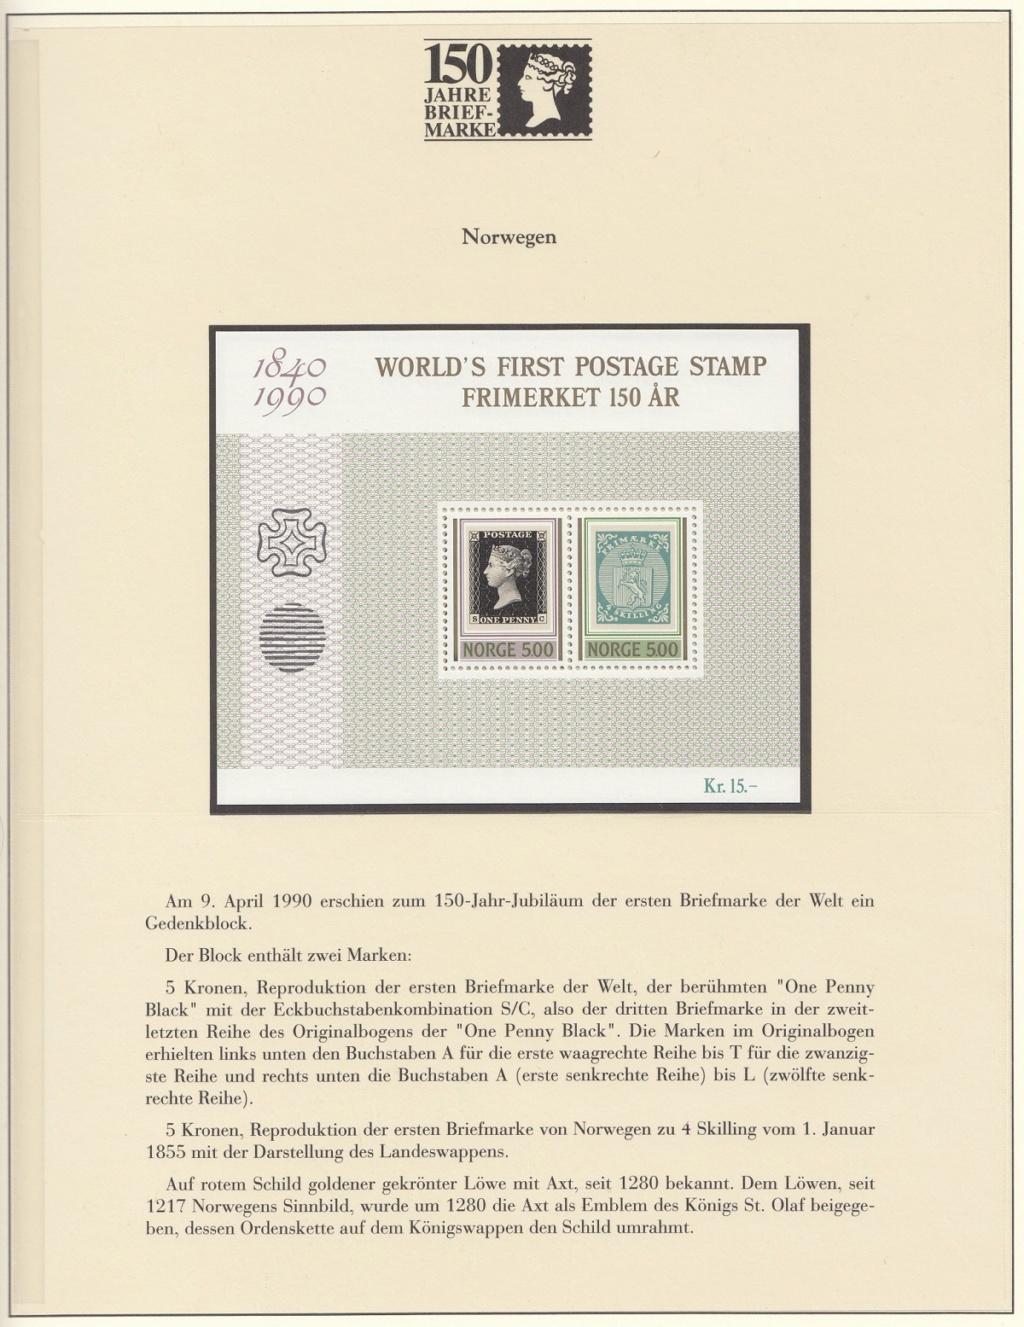 180 Jahre Briefmarke 150-4110